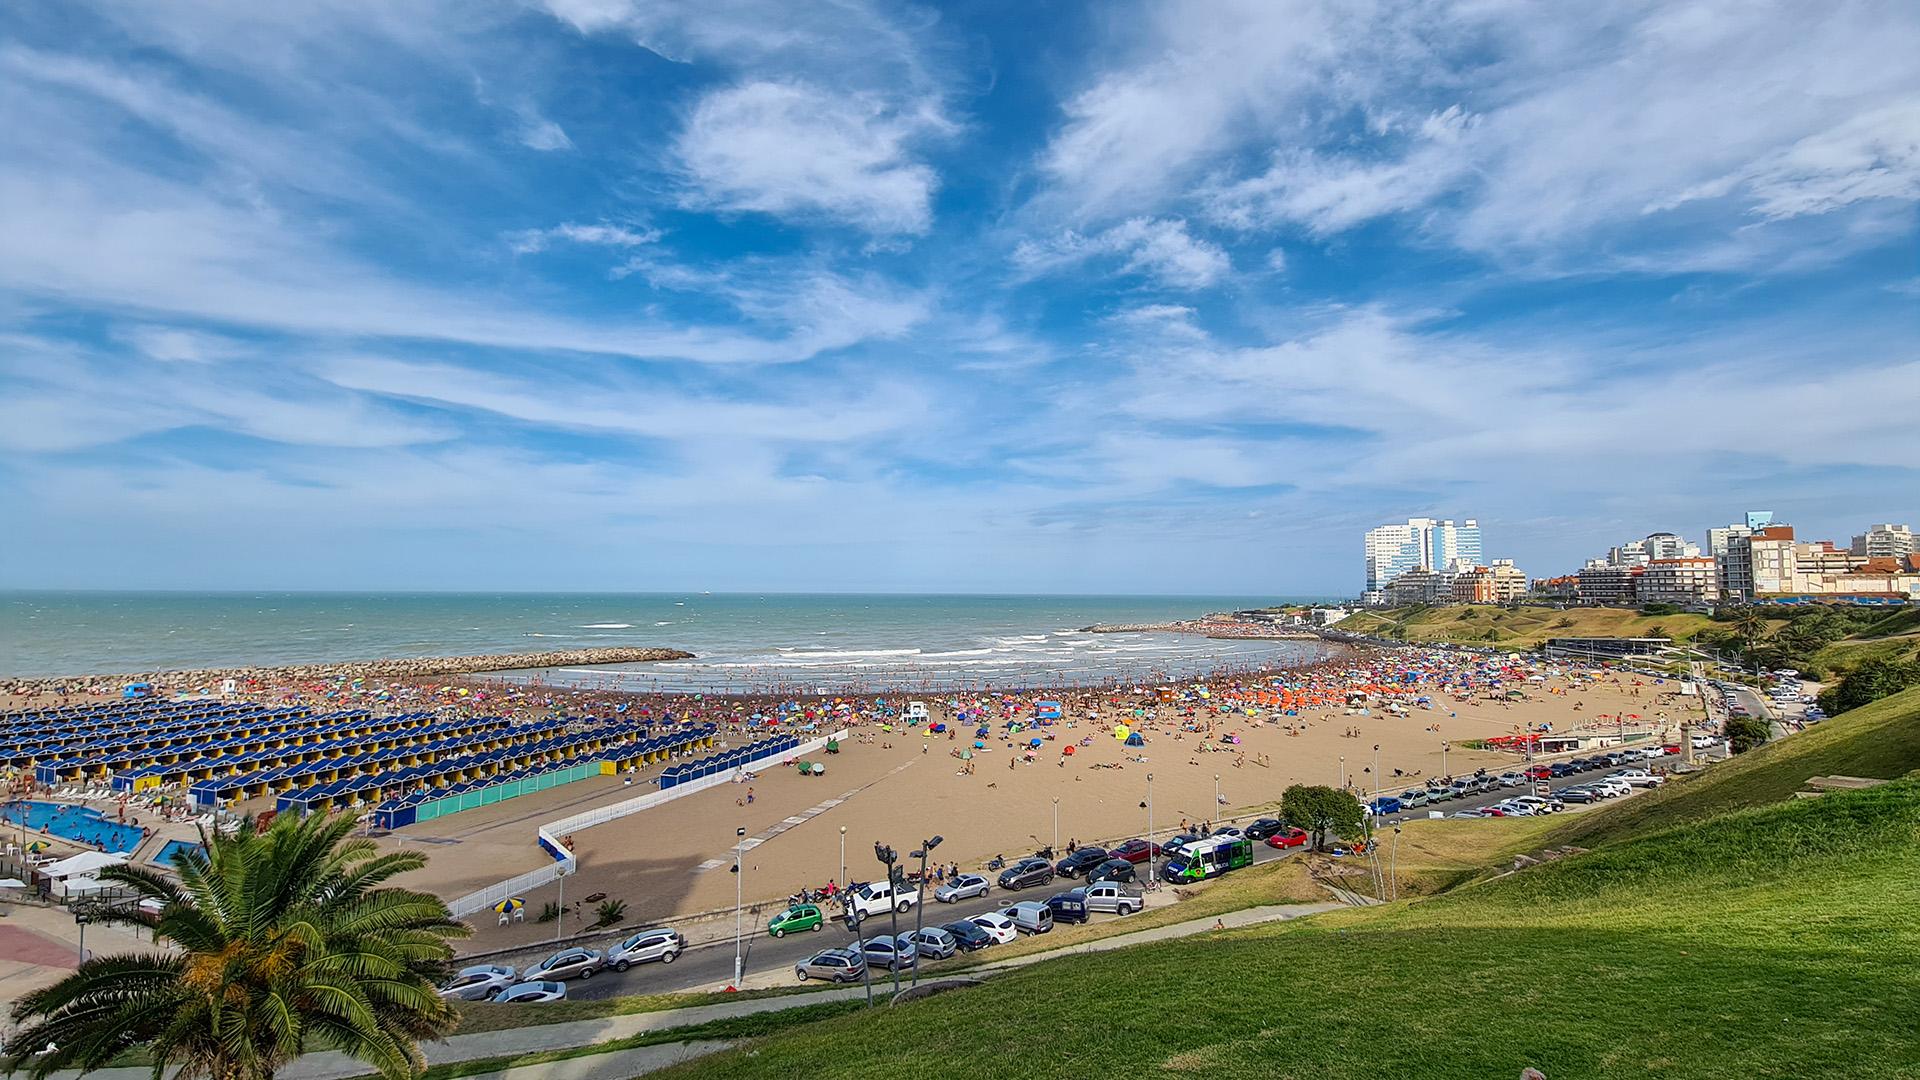 Mar del Plata vivió un fin de semana a pleno sol, con temperaturas que rondaron los 30 grados